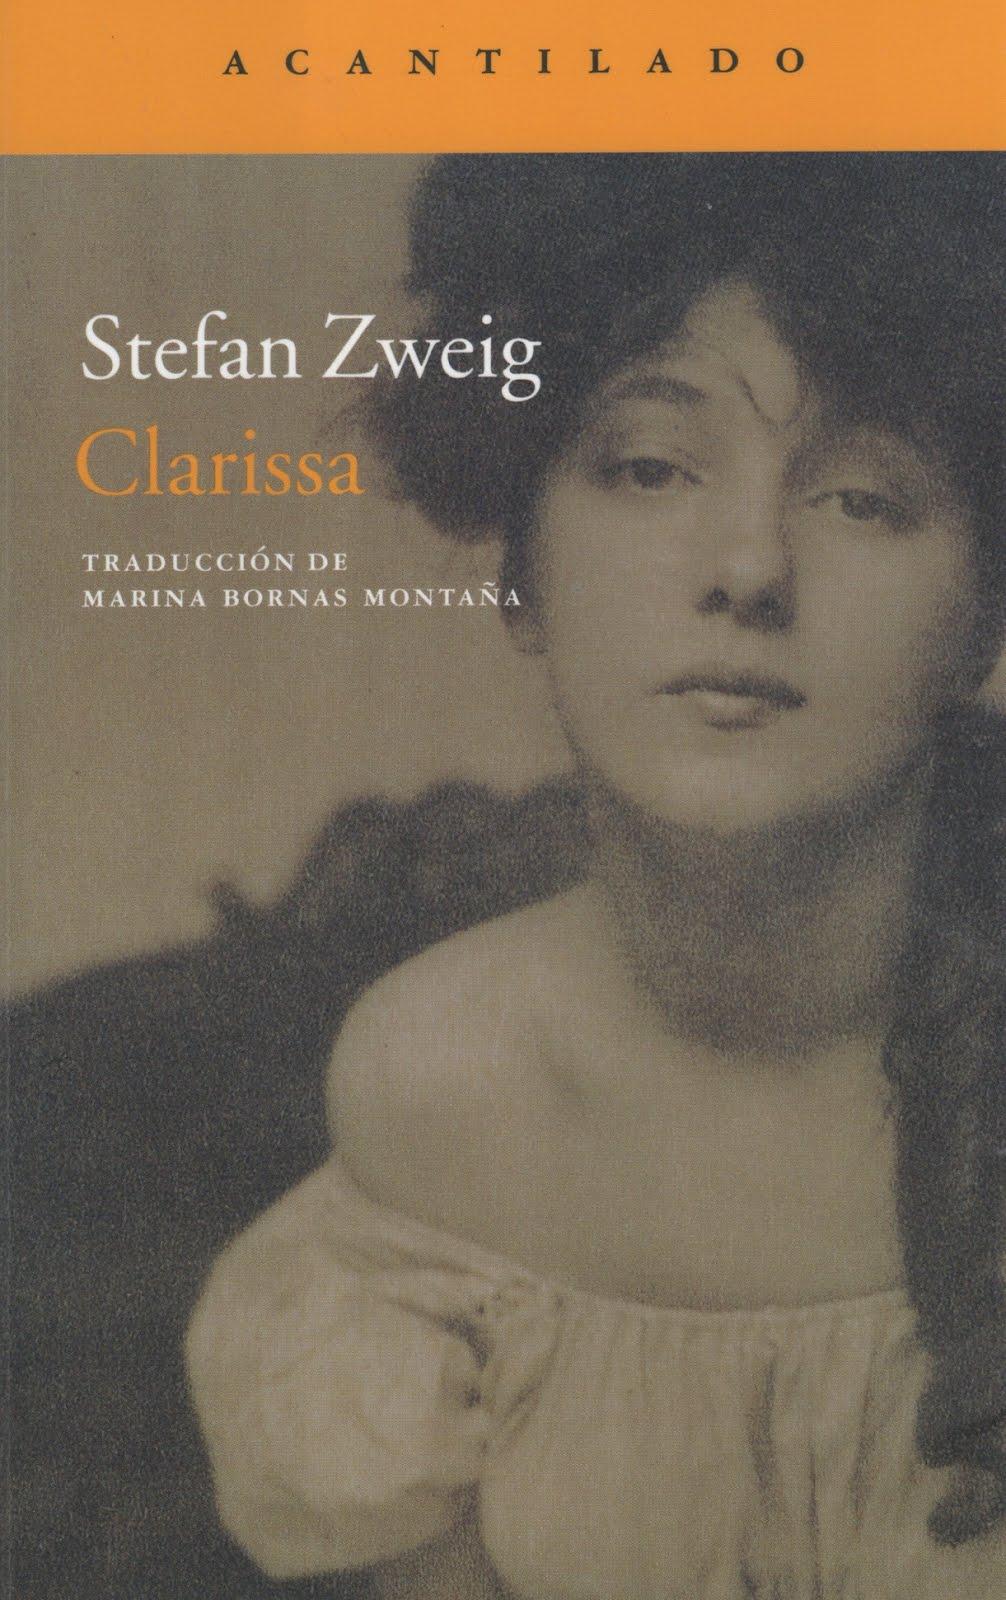 Stefan Zweig (Clarissa)